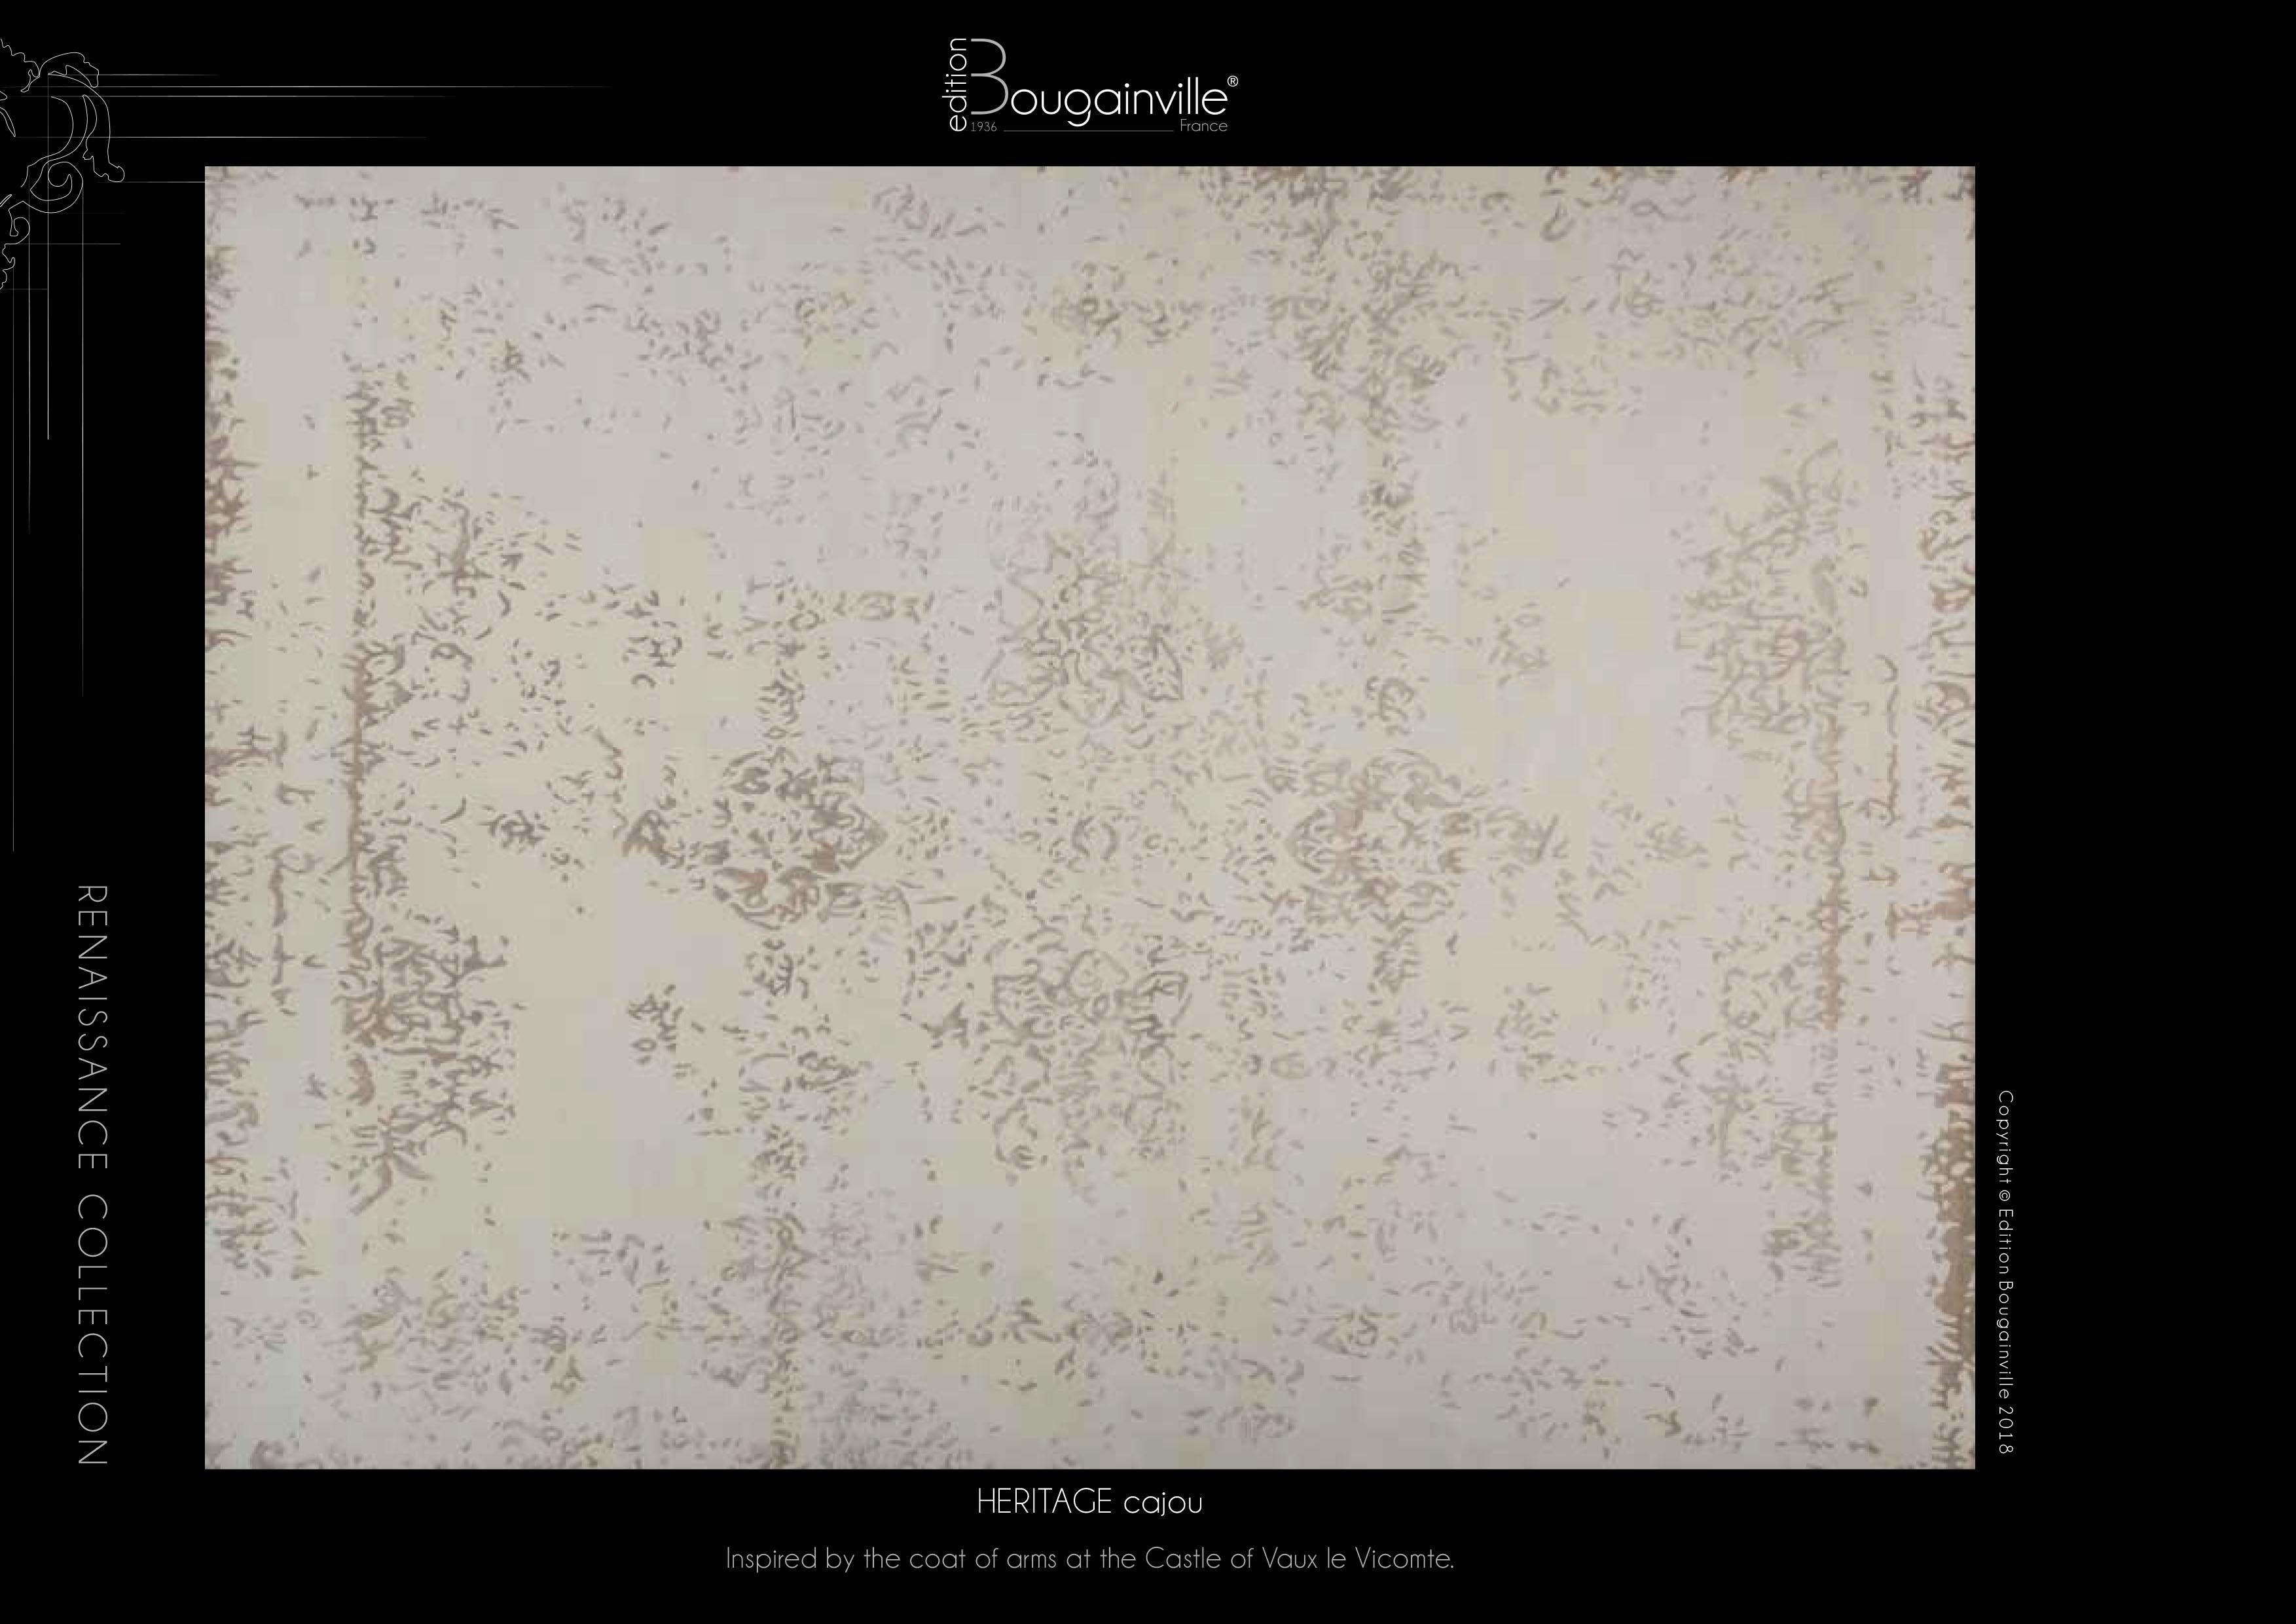 Ковер Edition Bougainville, HERITAGE cajou